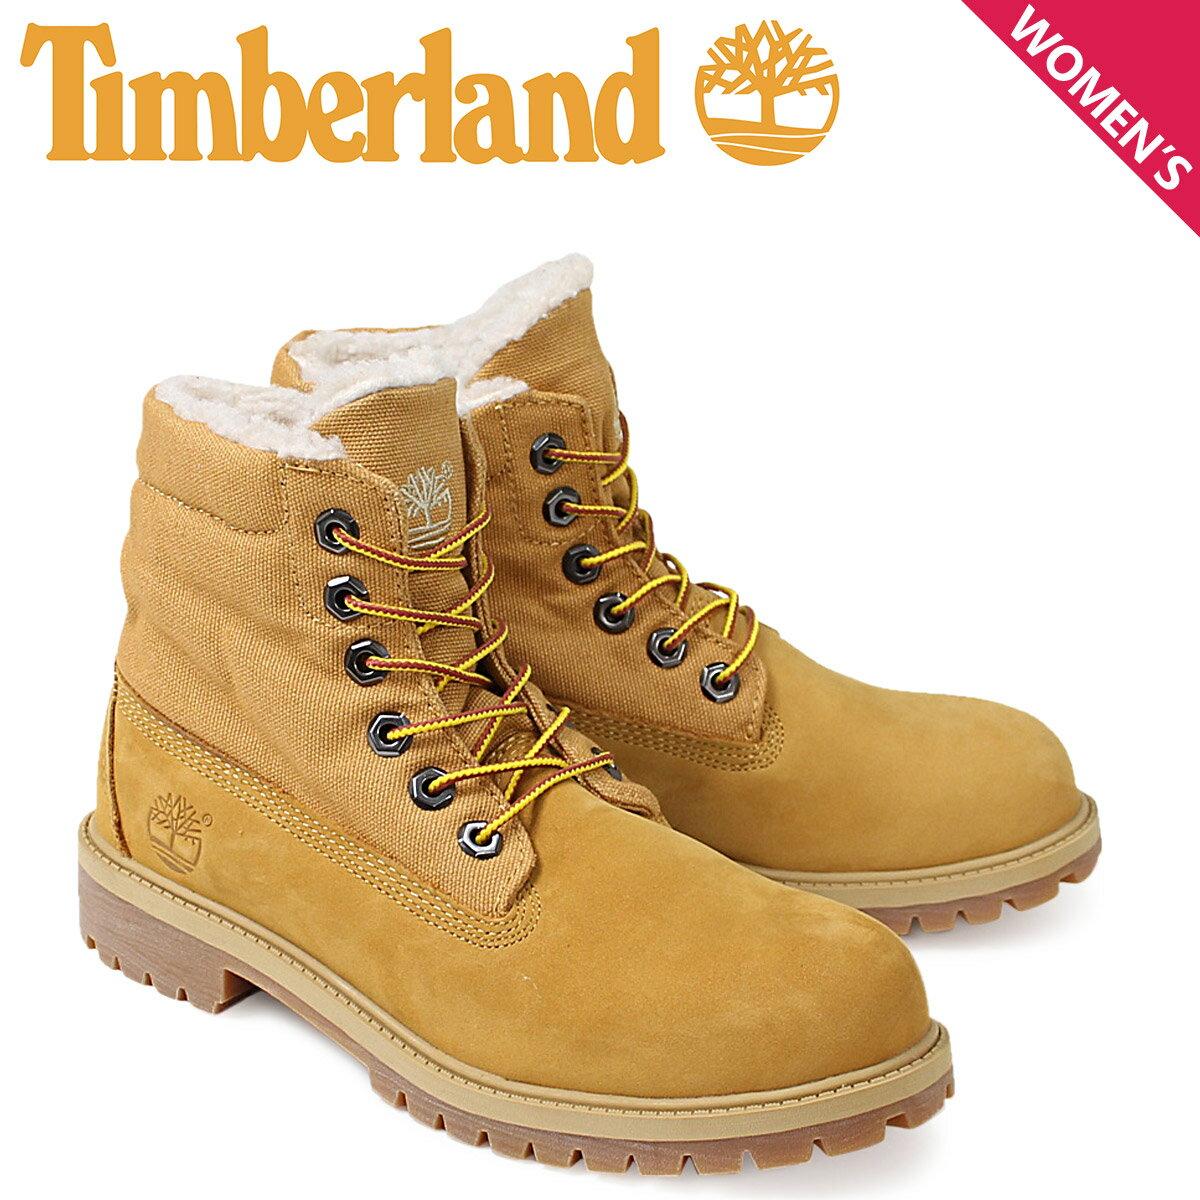 Timberland ティンバーランド レディース ロールトップ ブーツ  ROLLTOP BOOTS  43959 Mワイズ 防水  ウィート あす楽 [10/28 新入荷]